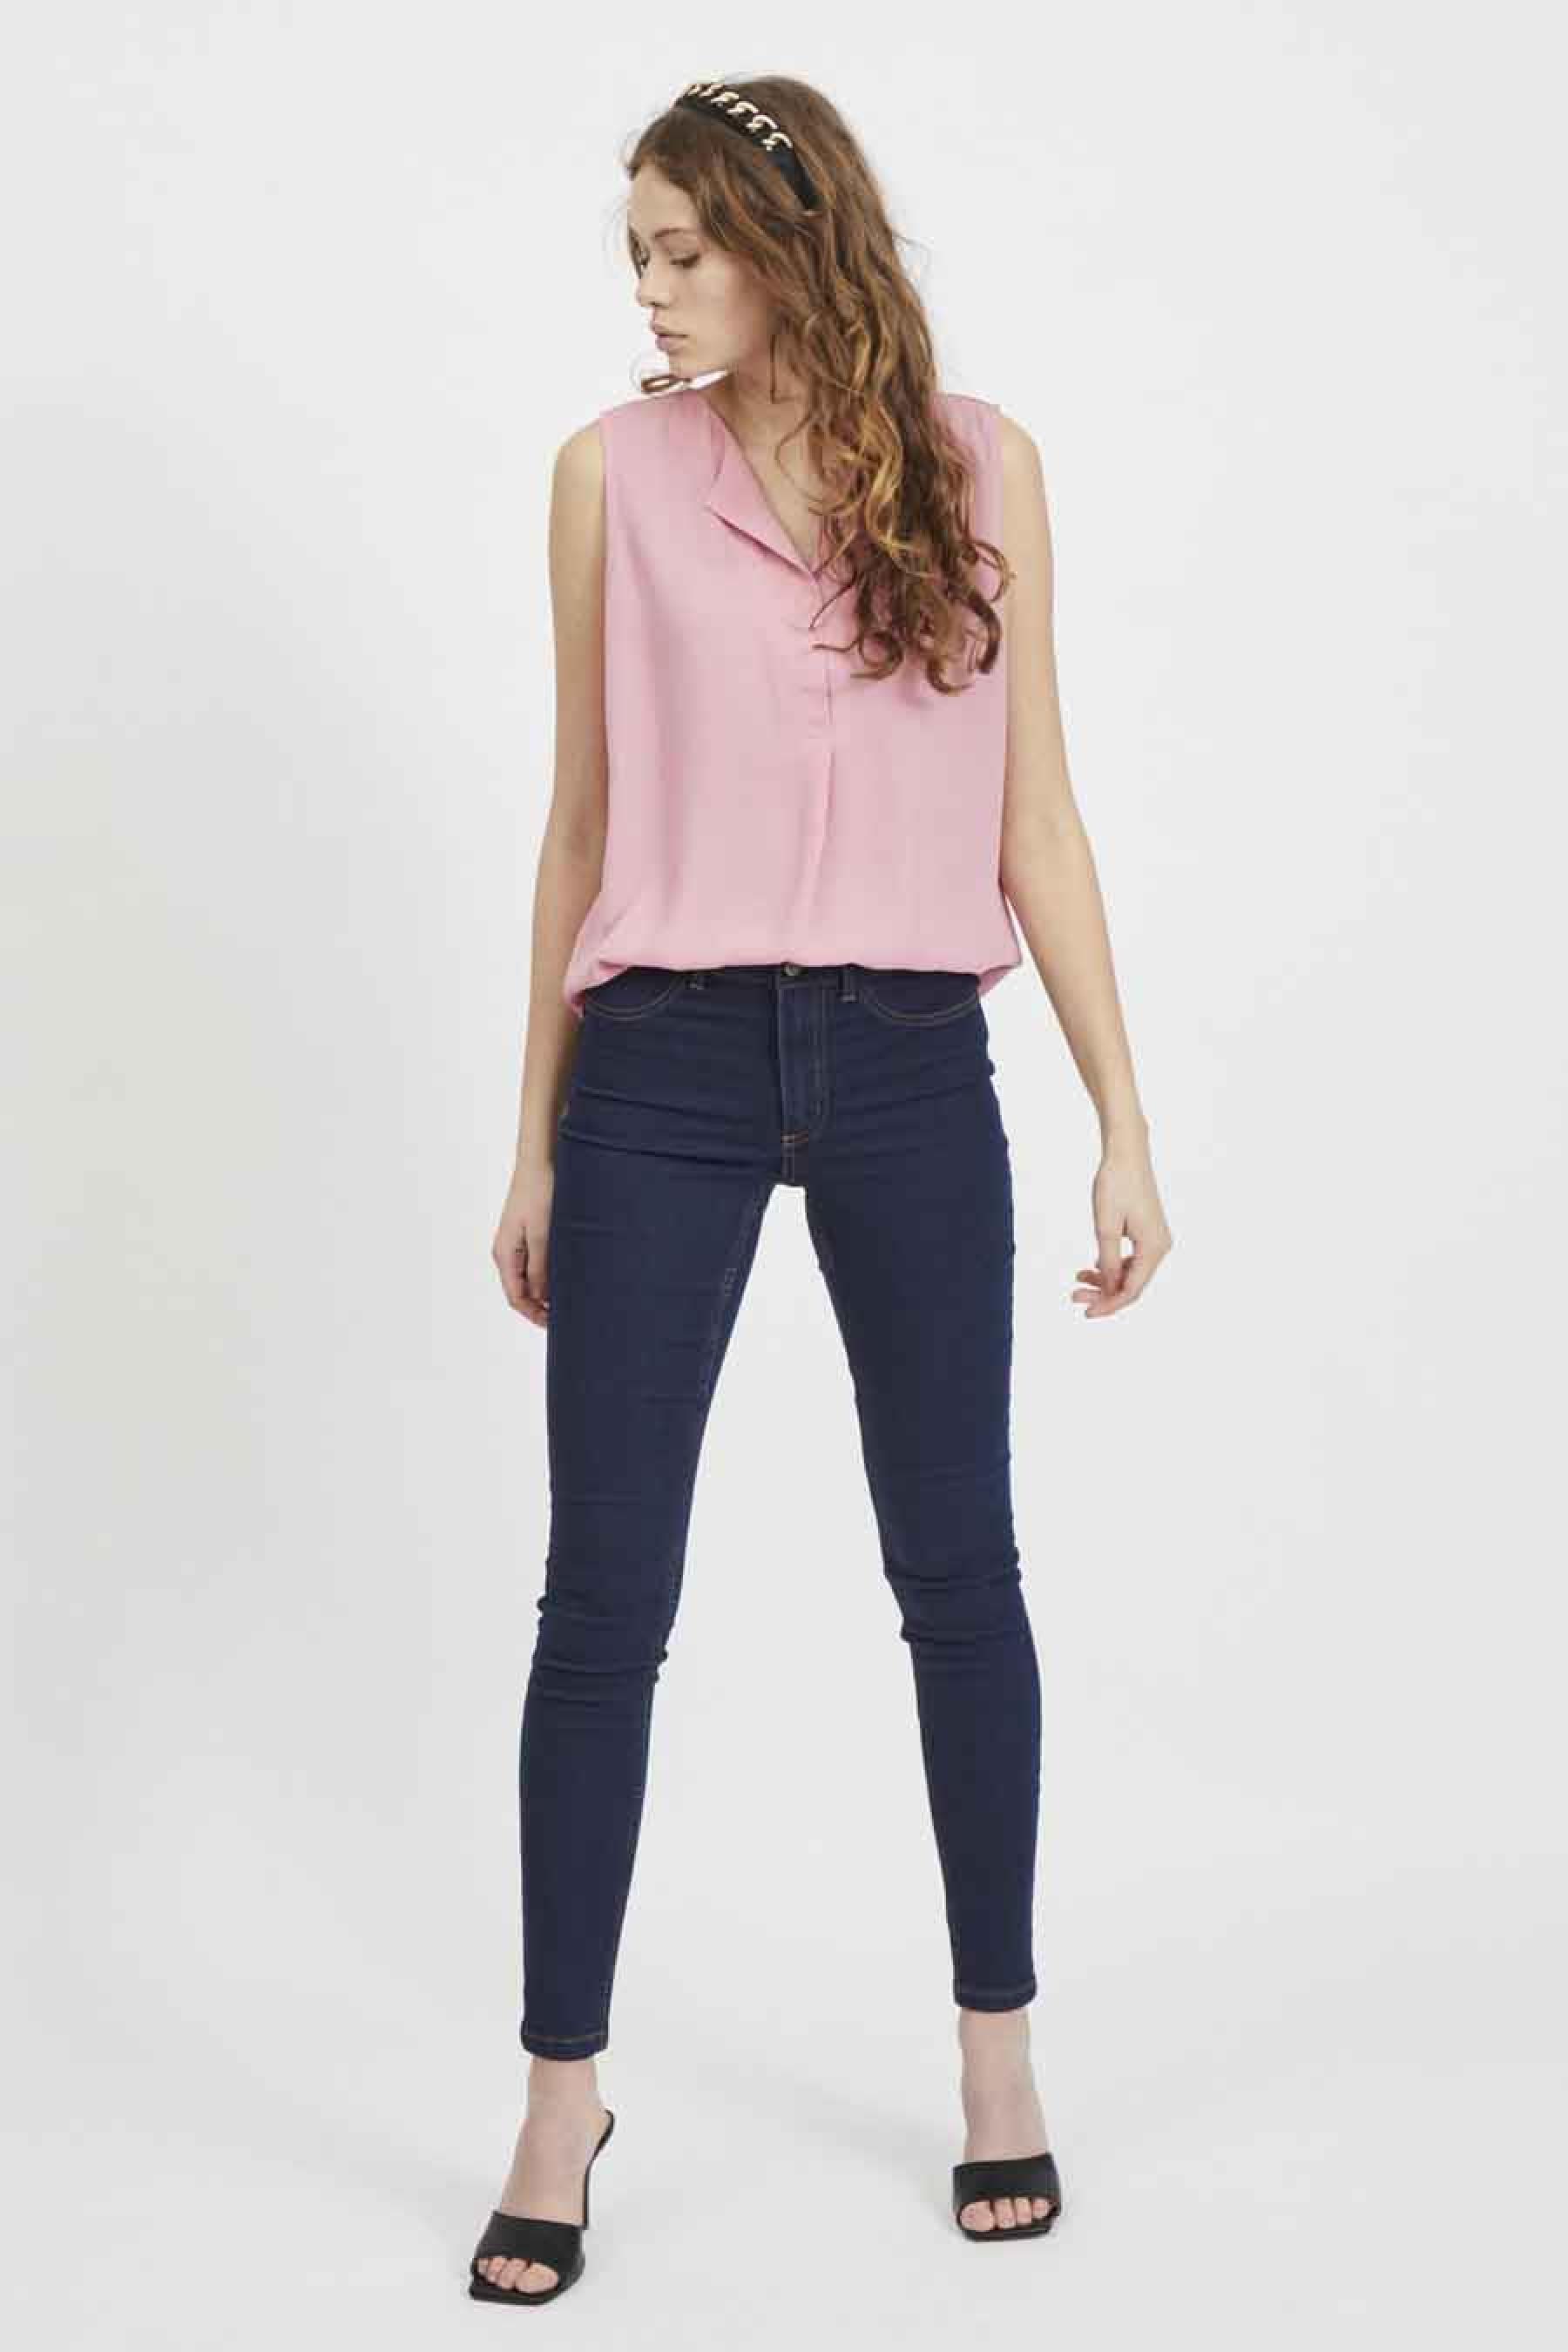 VILA® Blouse zonder mouwen, Roze, Dames, Maat: L/M/S/XL/XS